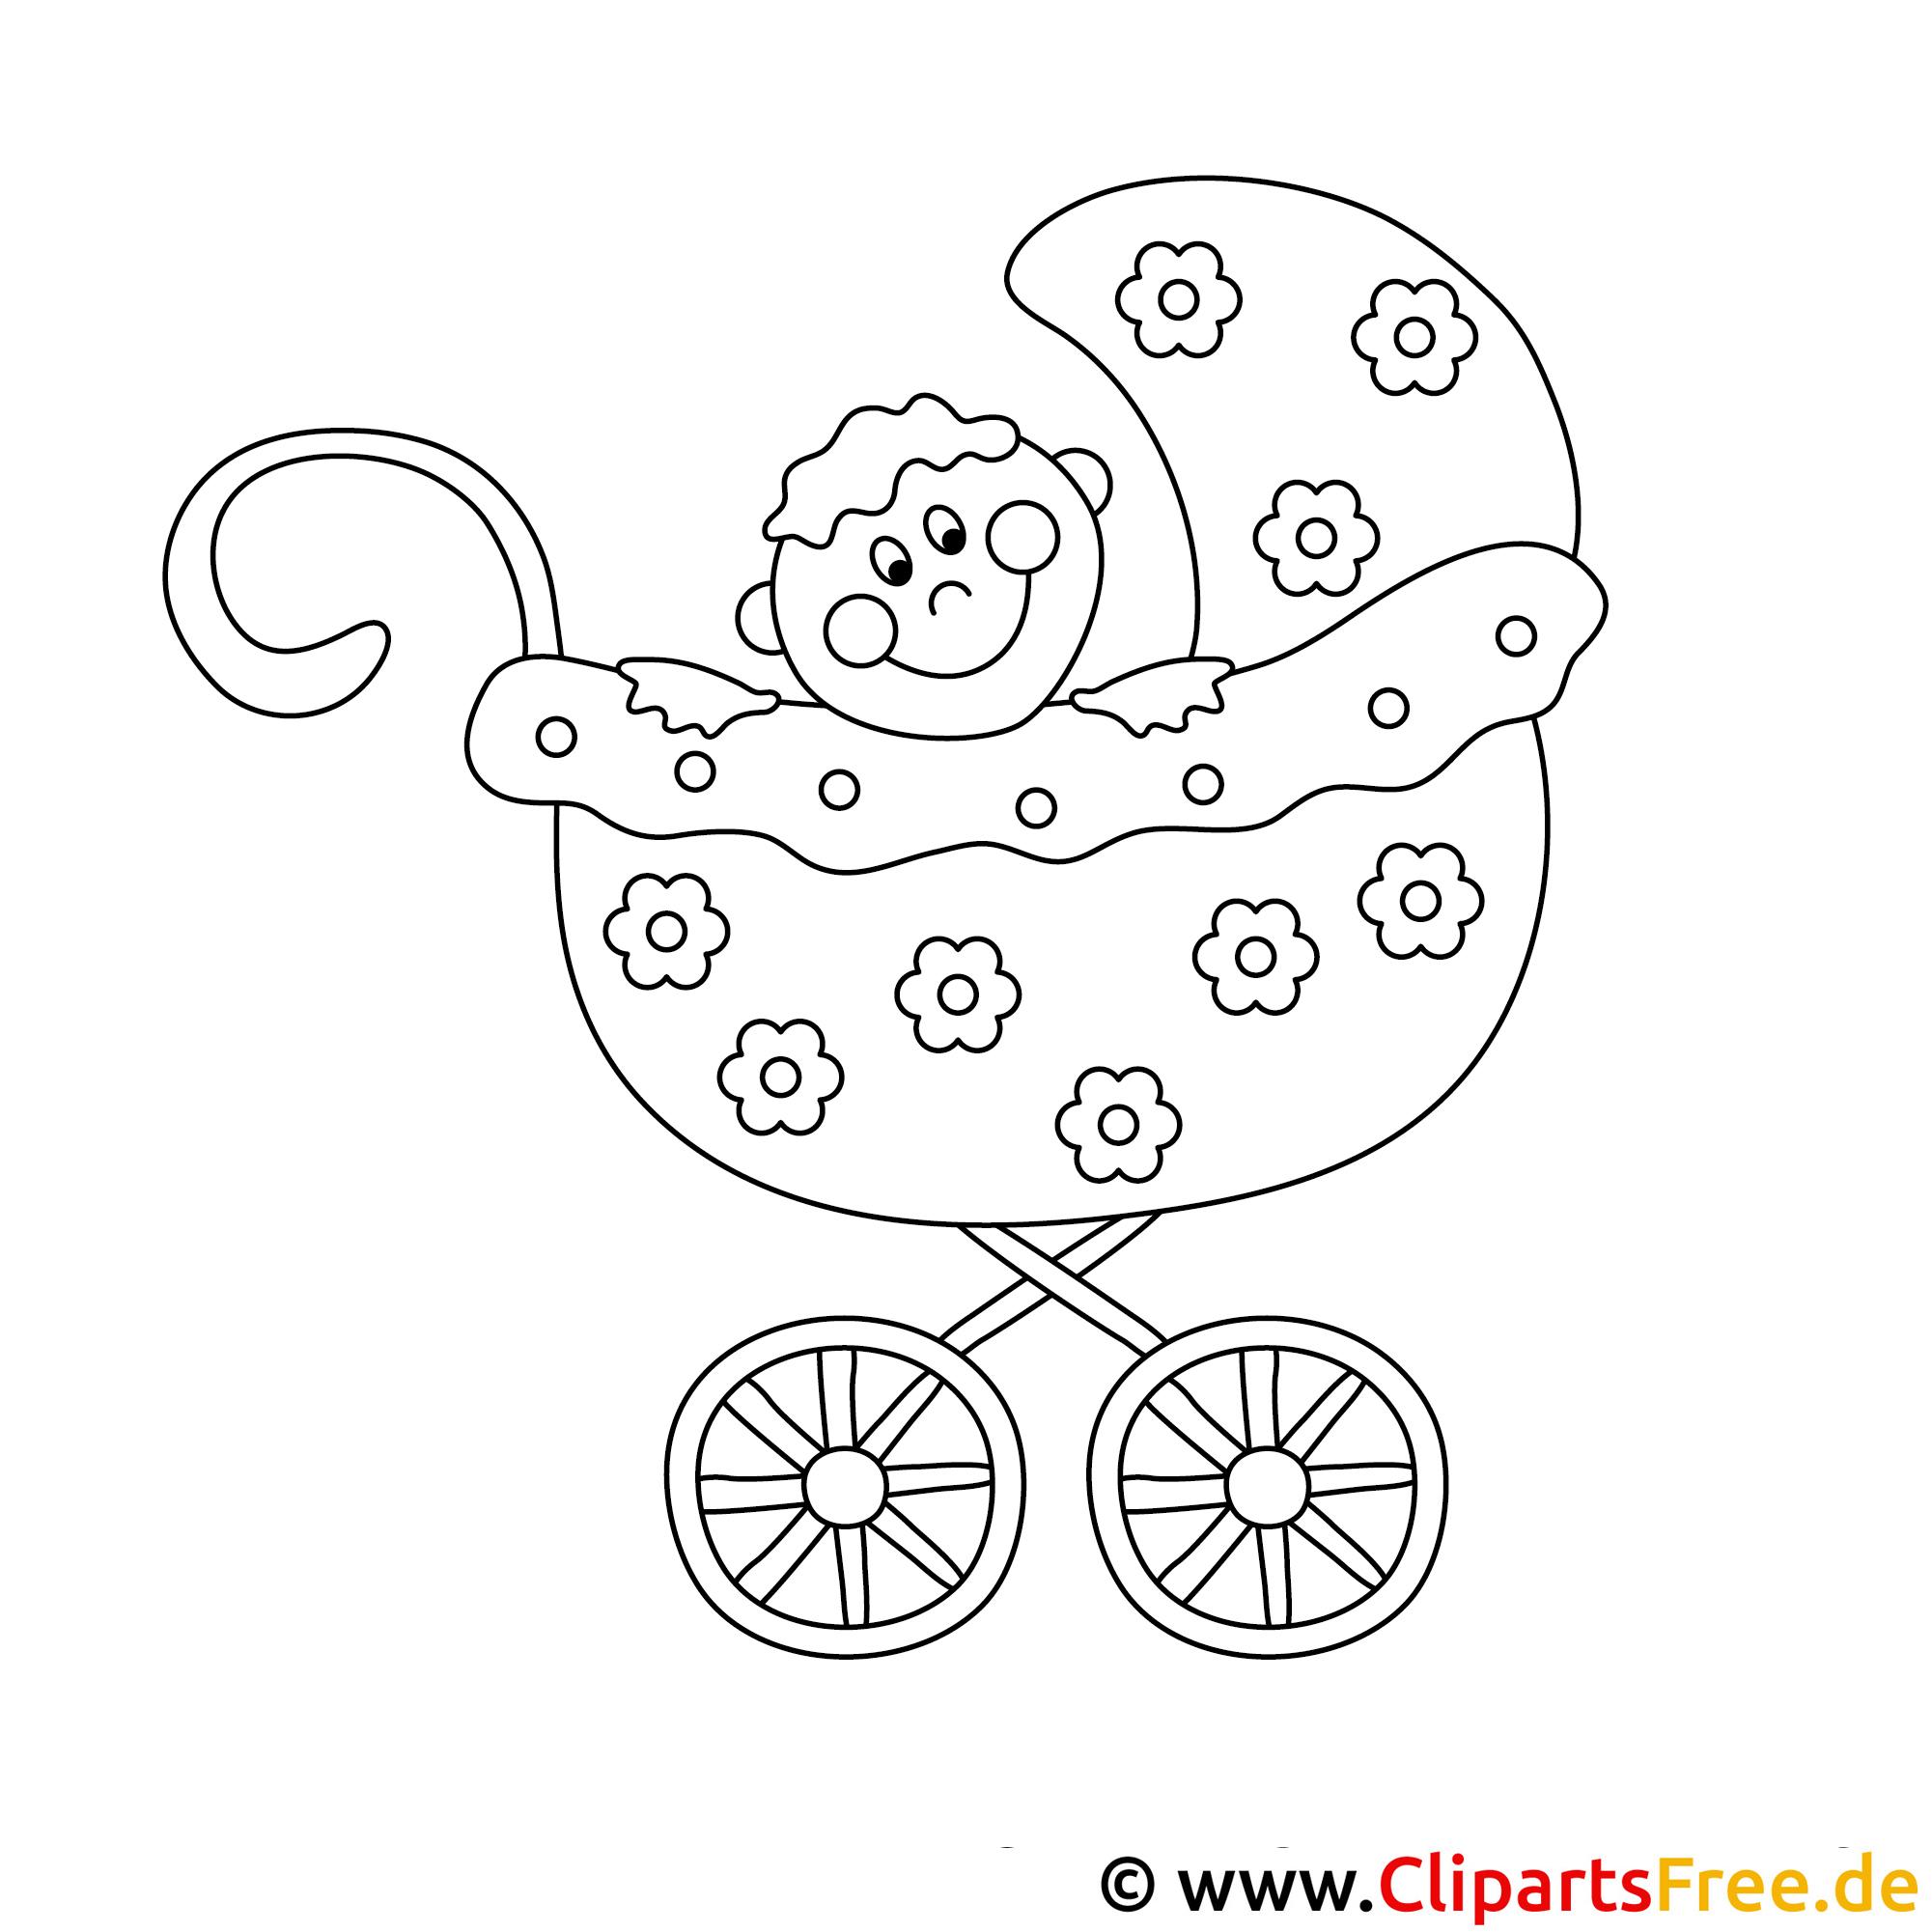 Malvorlage Baby Im Kinderwagen  Coloring and Malvorlagan